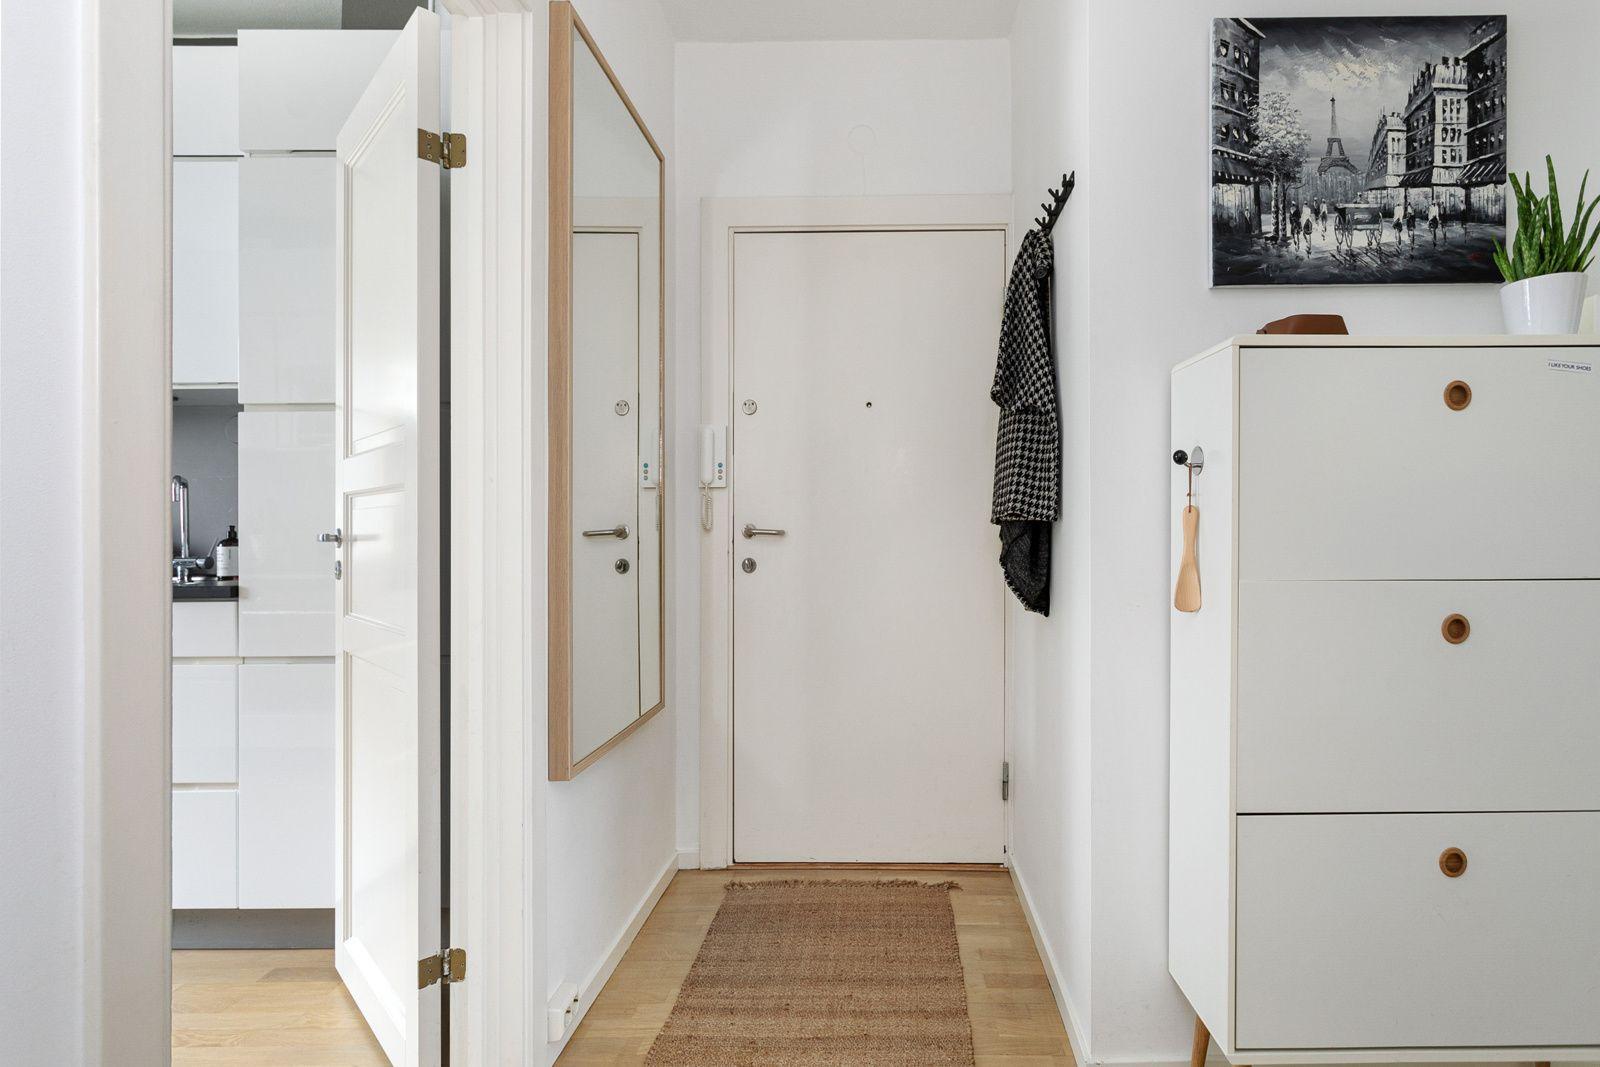 Ålesundgata 3 B Montert porttelefon på vegg og sikringsskap med automatsikringer i felles trapperom.